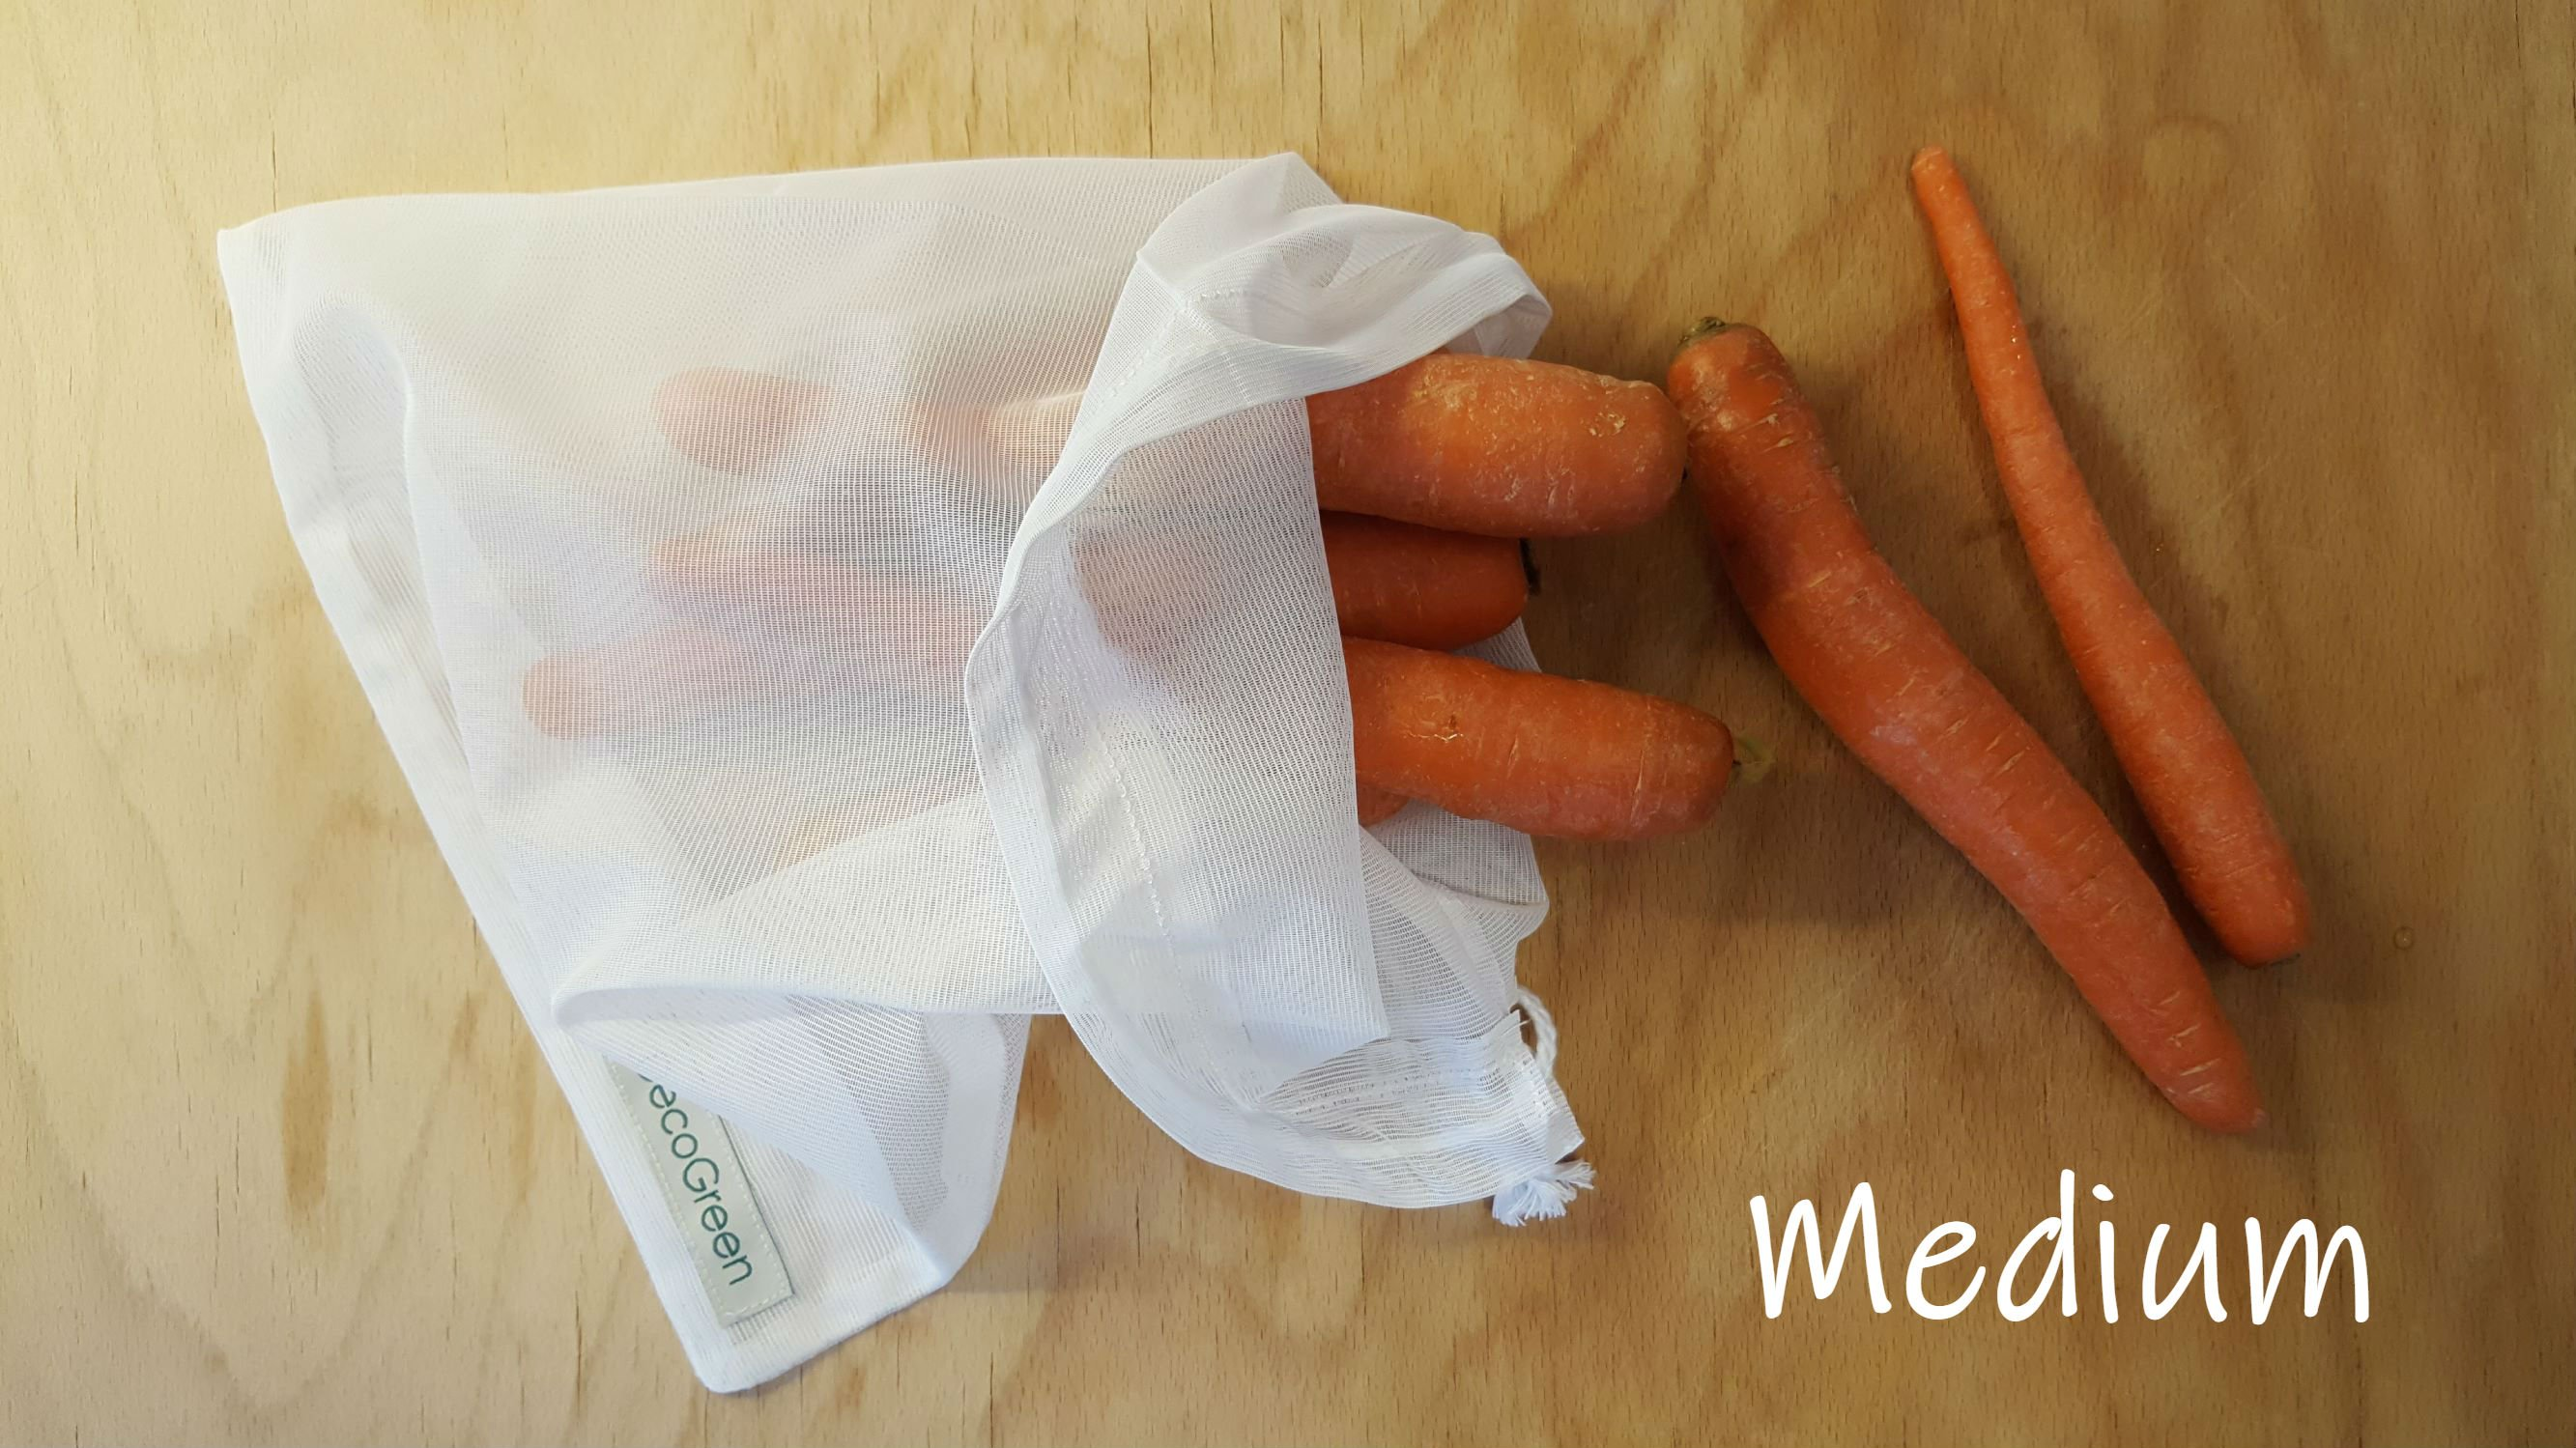 Frukt- och grönsakspåsar istället för plastpåsar